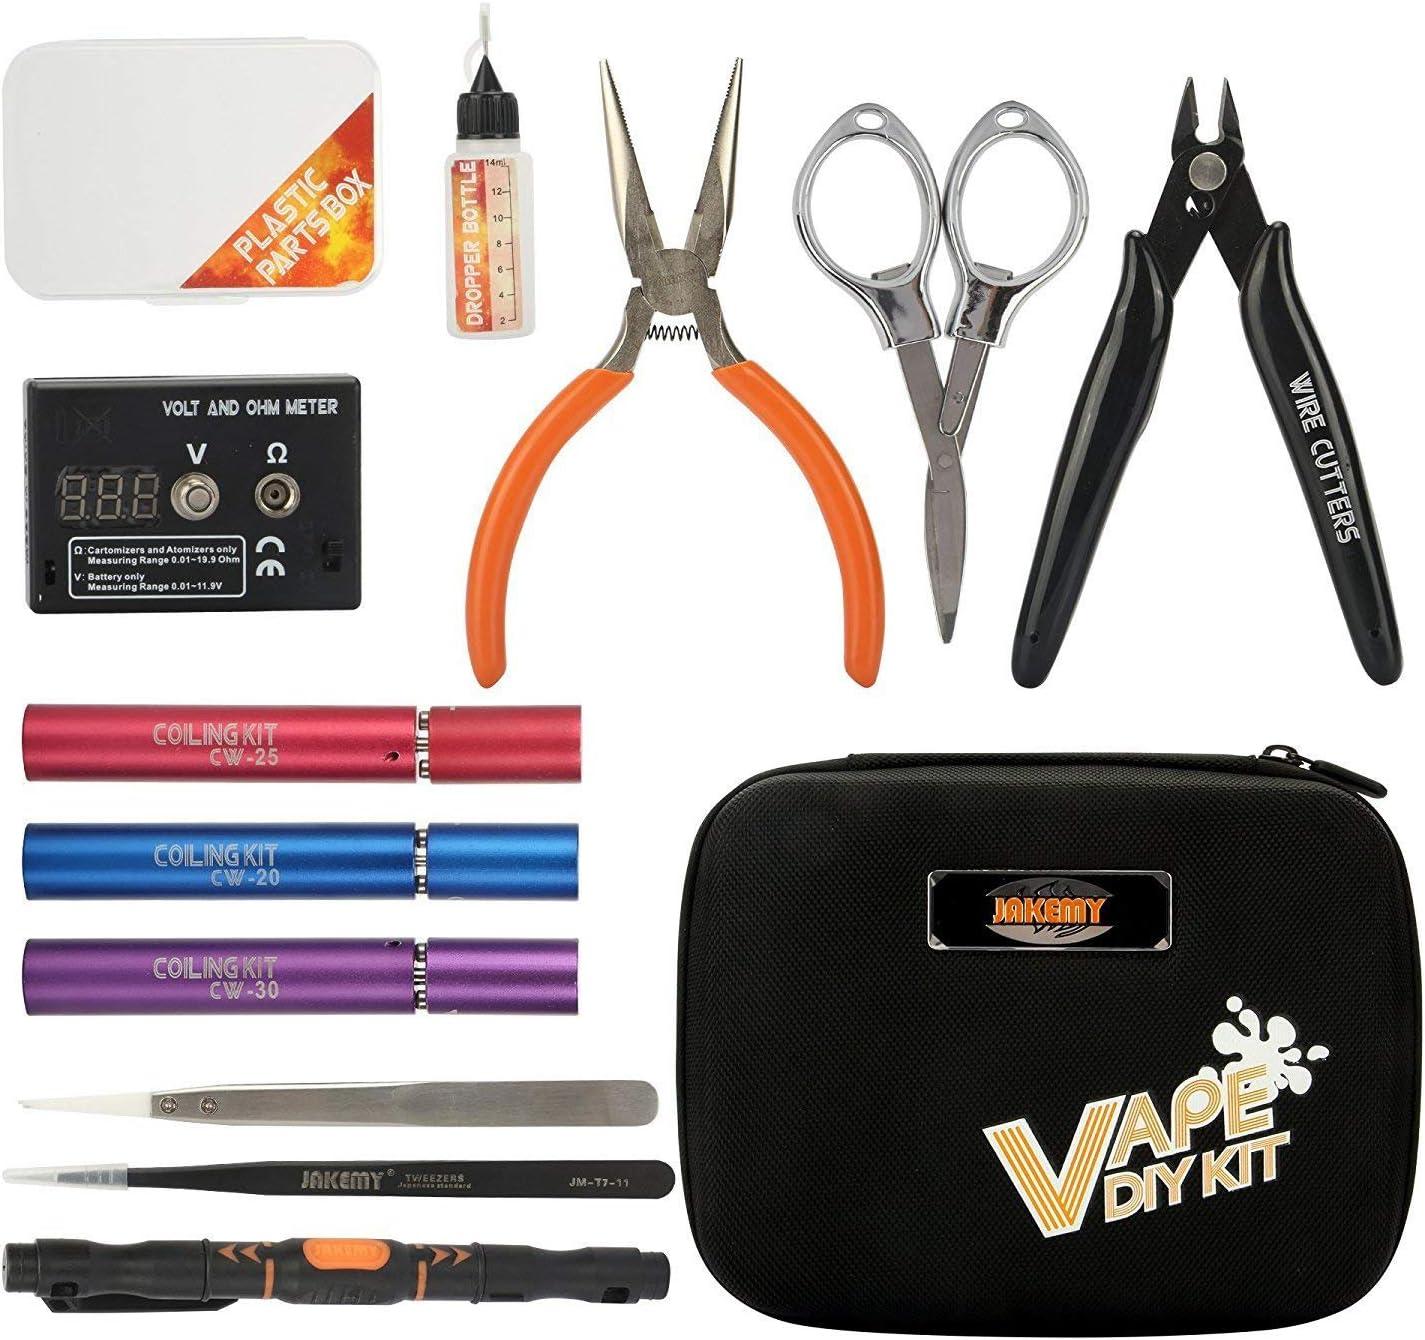 Pinzas Antiest/áticas Rymall cigarrillo electr/ónico DIY Kit de herramientas Kit de herramientas 4 en 1 Kits Bobina Cortadores de Cable Pinzas de Cer/ámicas Bobina Jig cigarrillo para RDA RBA RTA